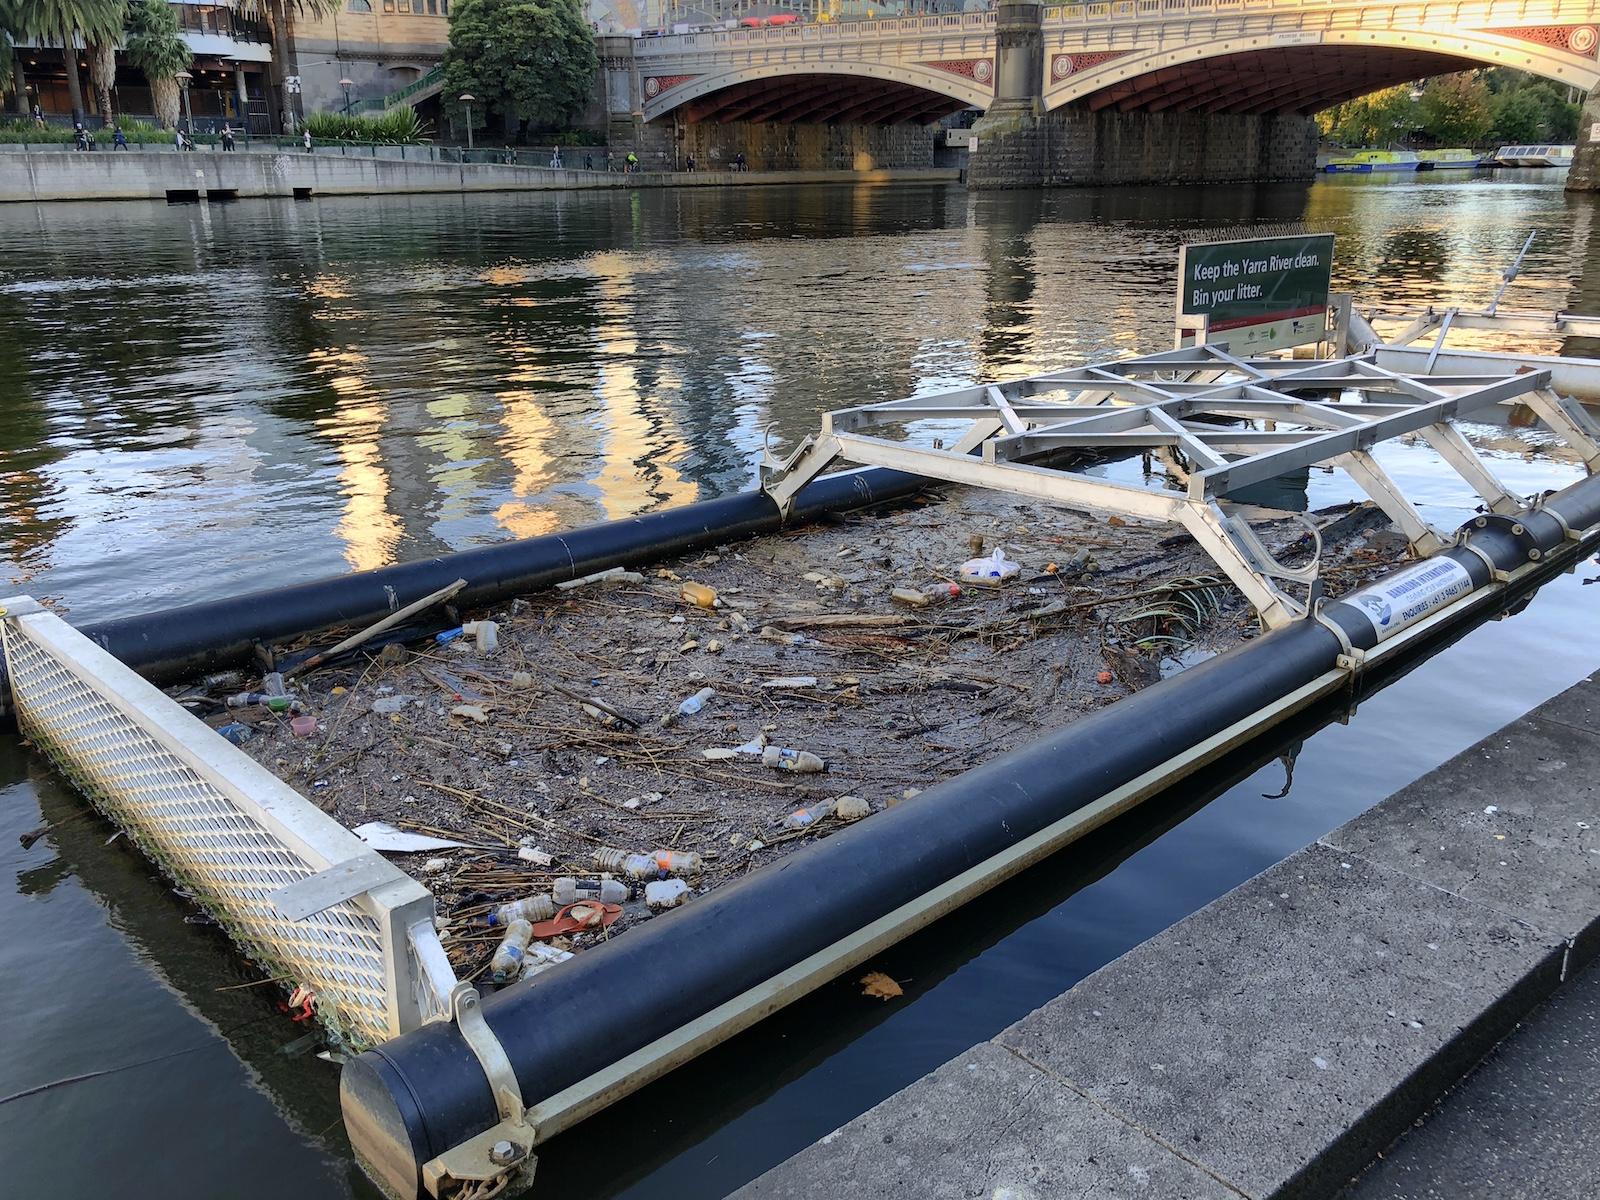 Müllauffanggerät im Yarra River